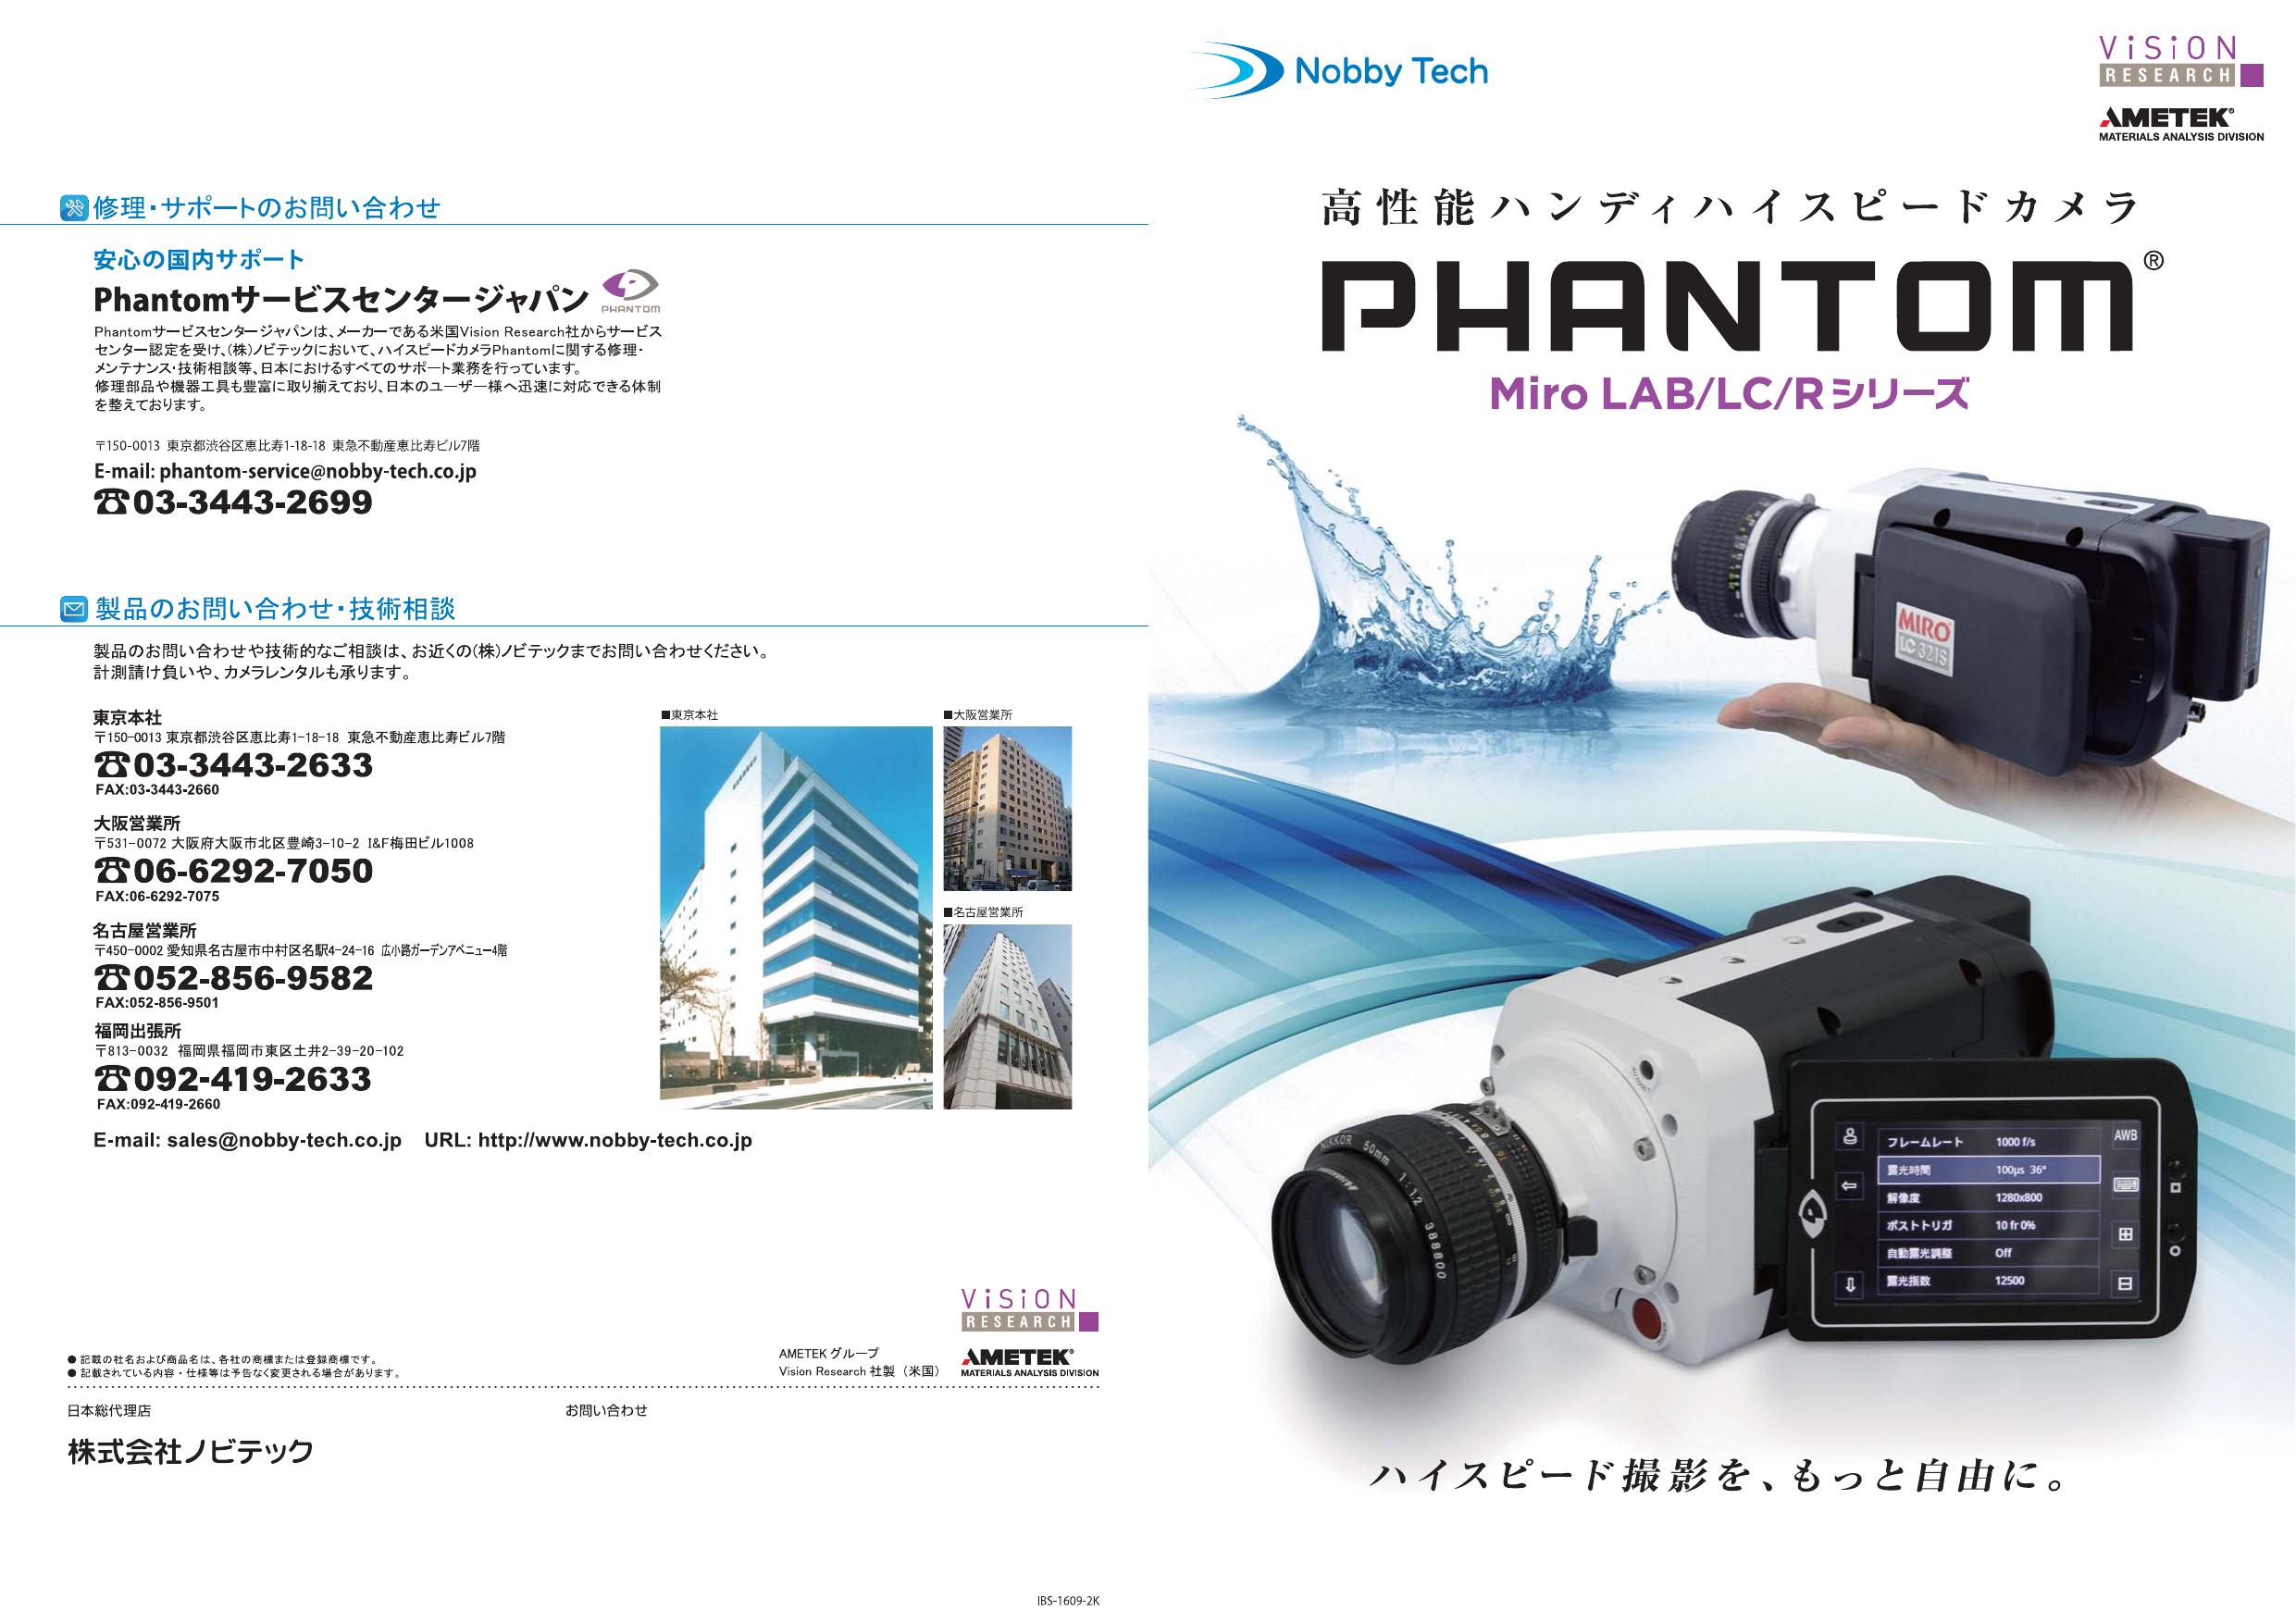 高性能ハンディハイスピードカメラ PHANTOM(R) Miro LAB/LC/Rシリーズ